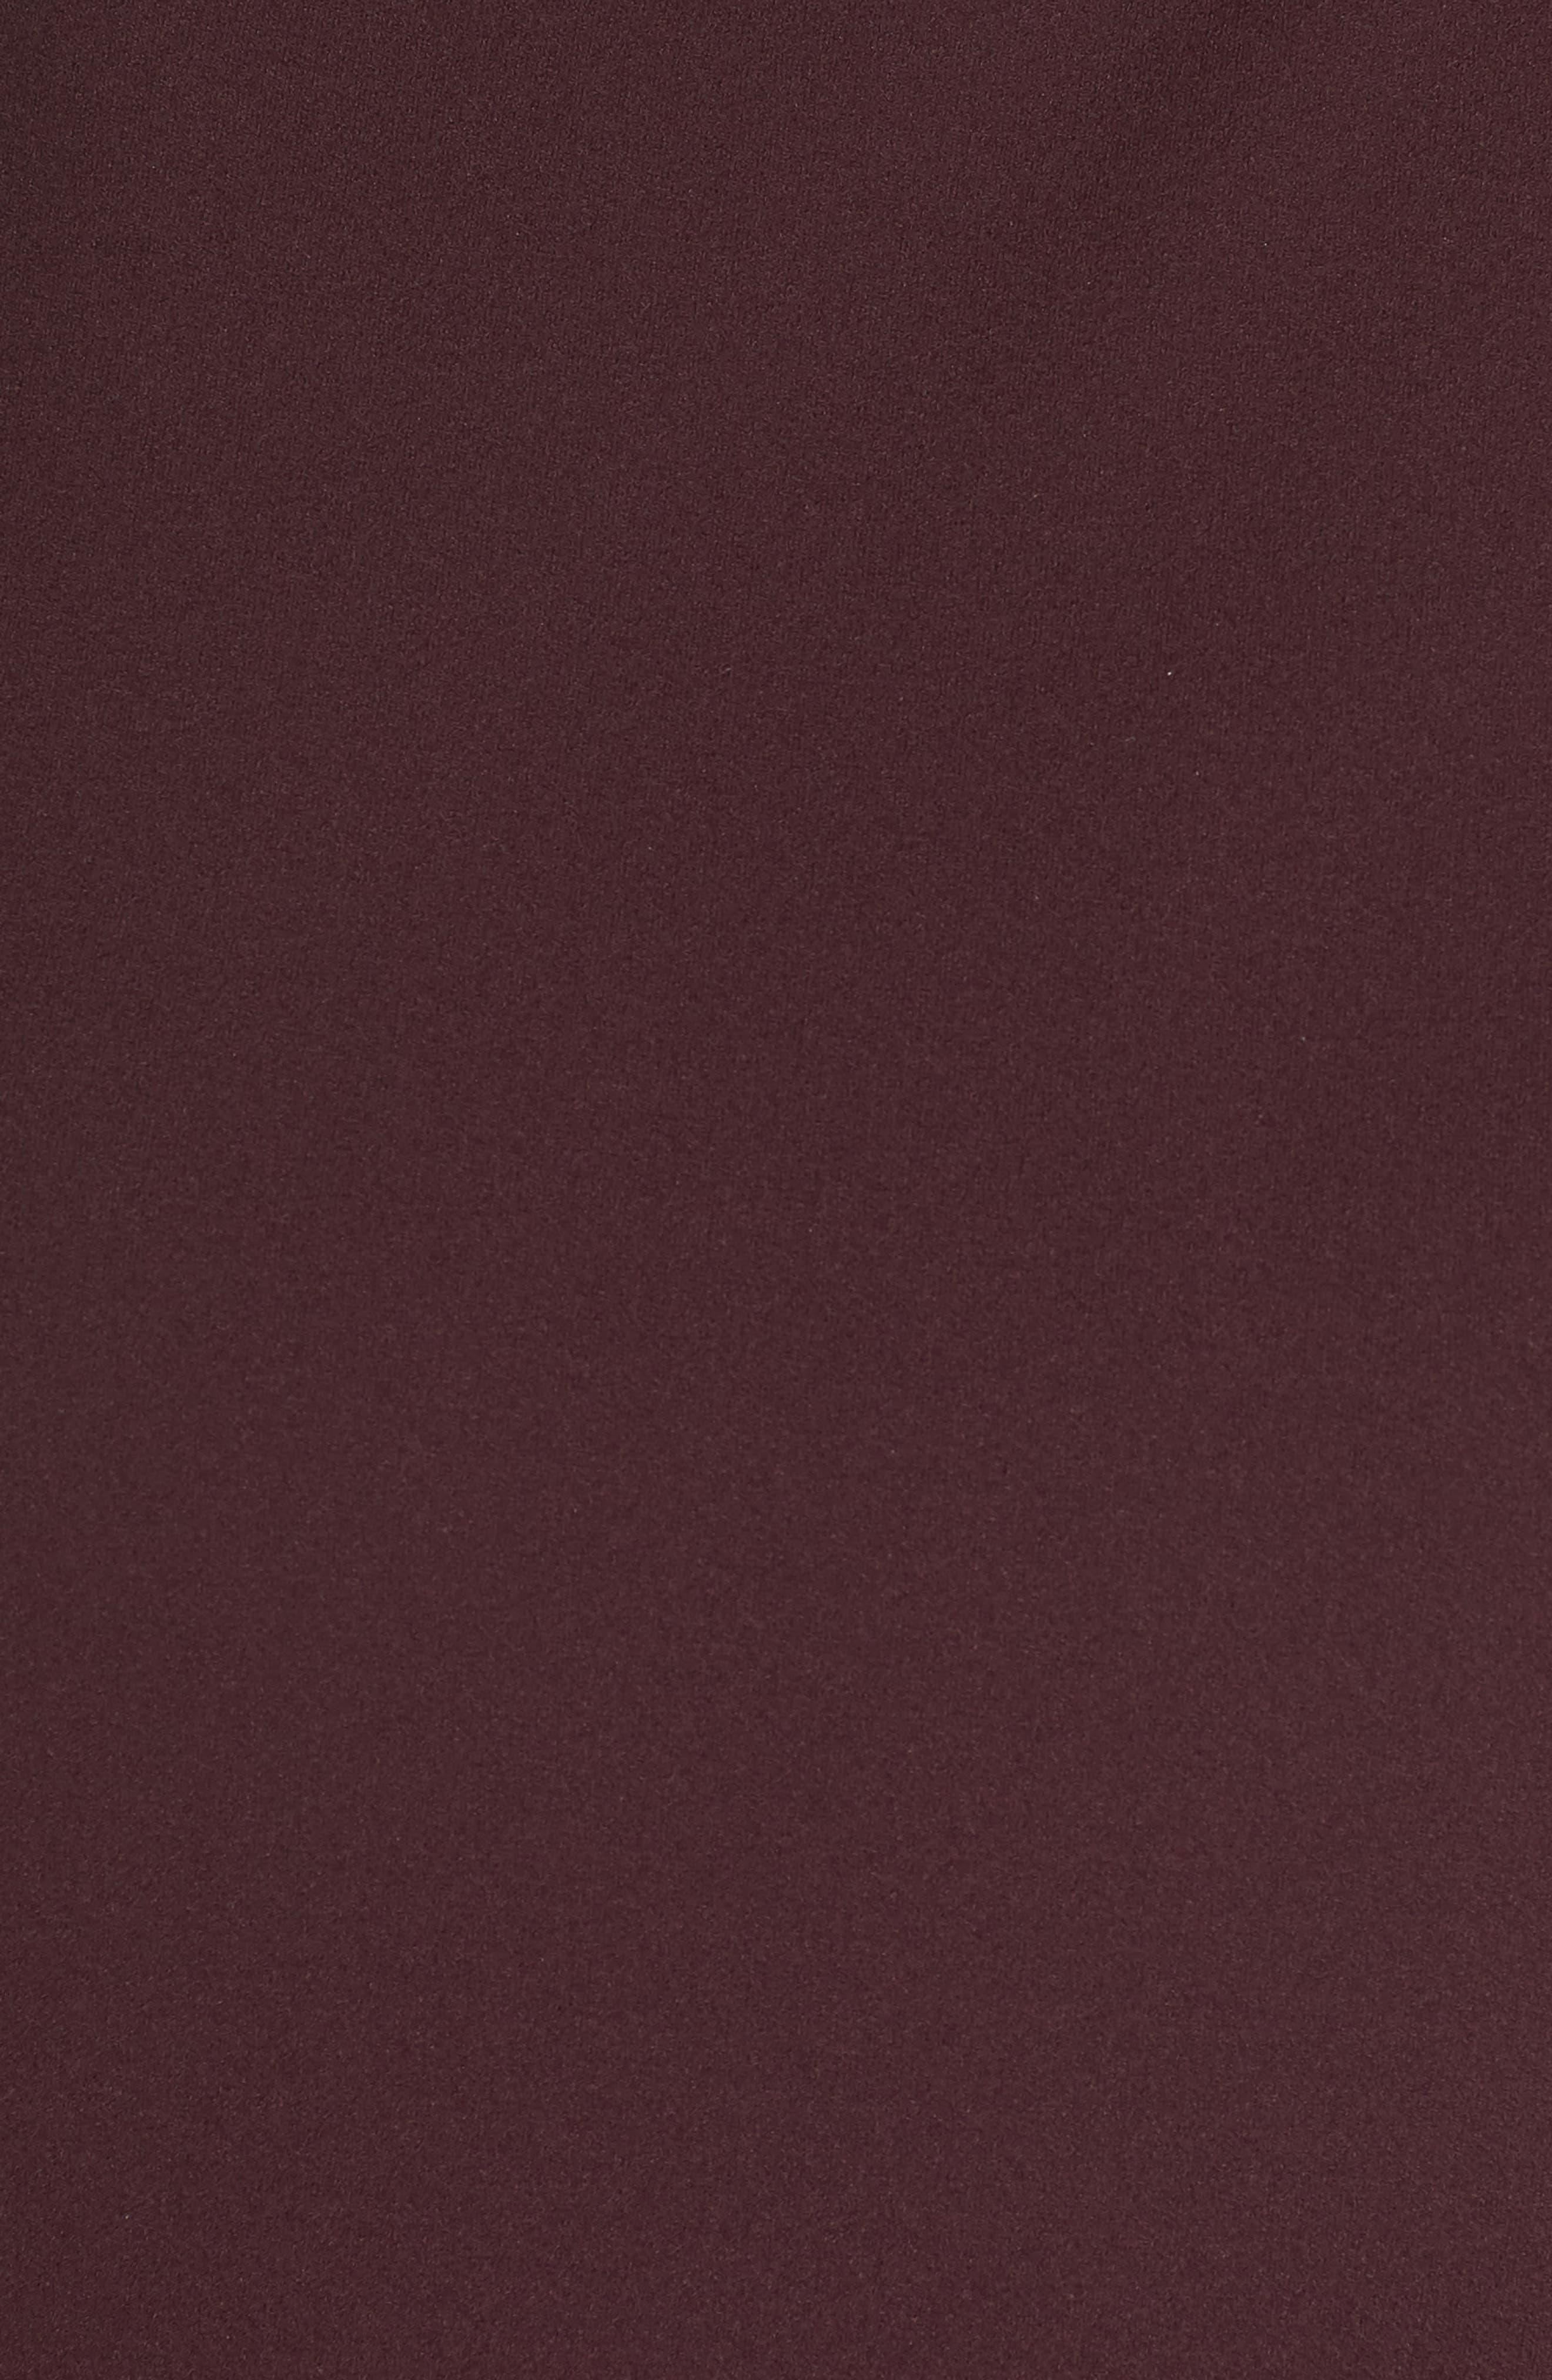 High Neck Scuba Crepe A-Line Dress,                             Alternate thumbnail 6, color,                             FIG